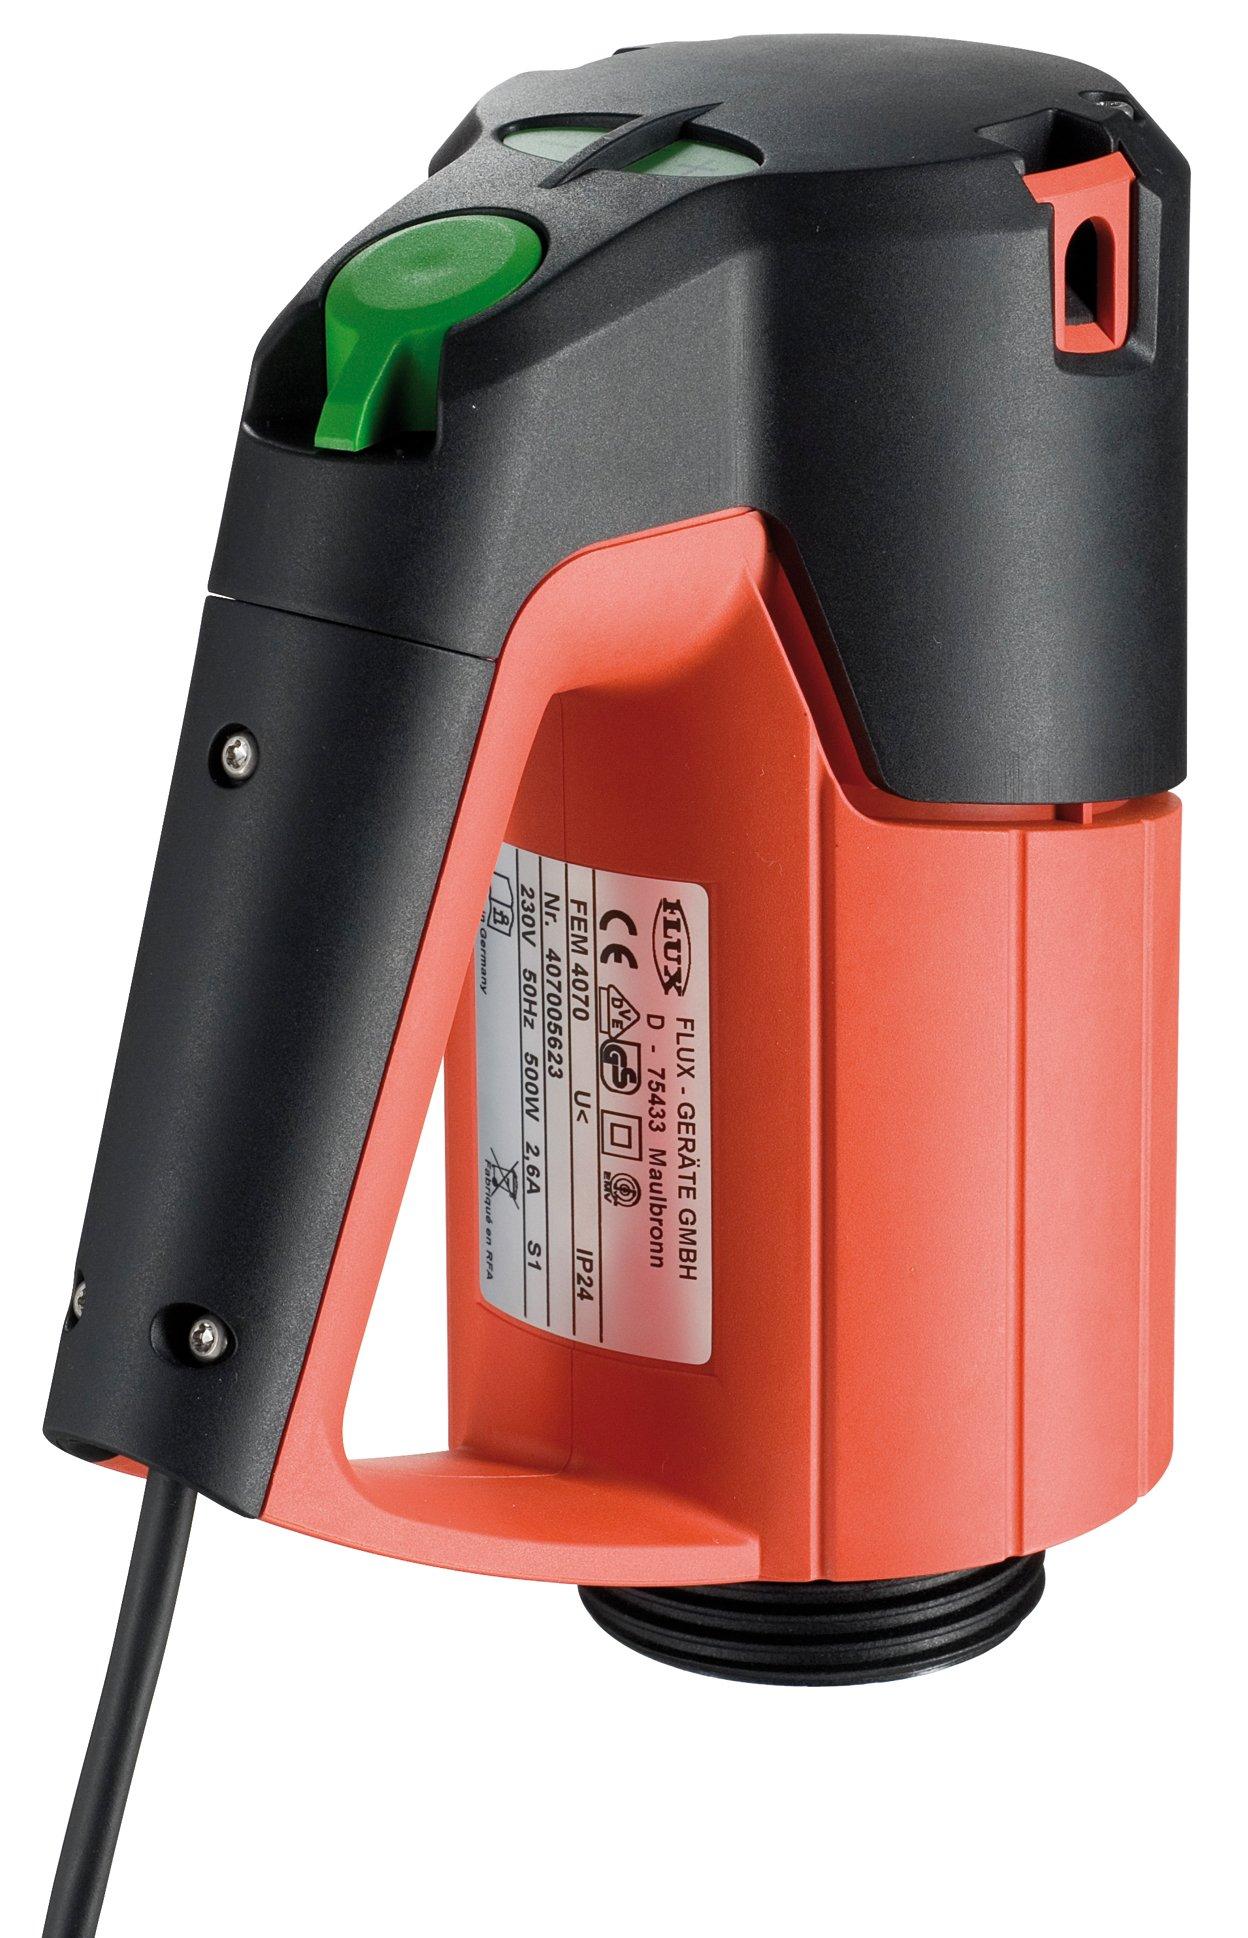 FLUX 407 01 023 Commutator Motor Type FEM 4070, 500W, 230V, IP 24, 4 Speed Range, No-Volt Release